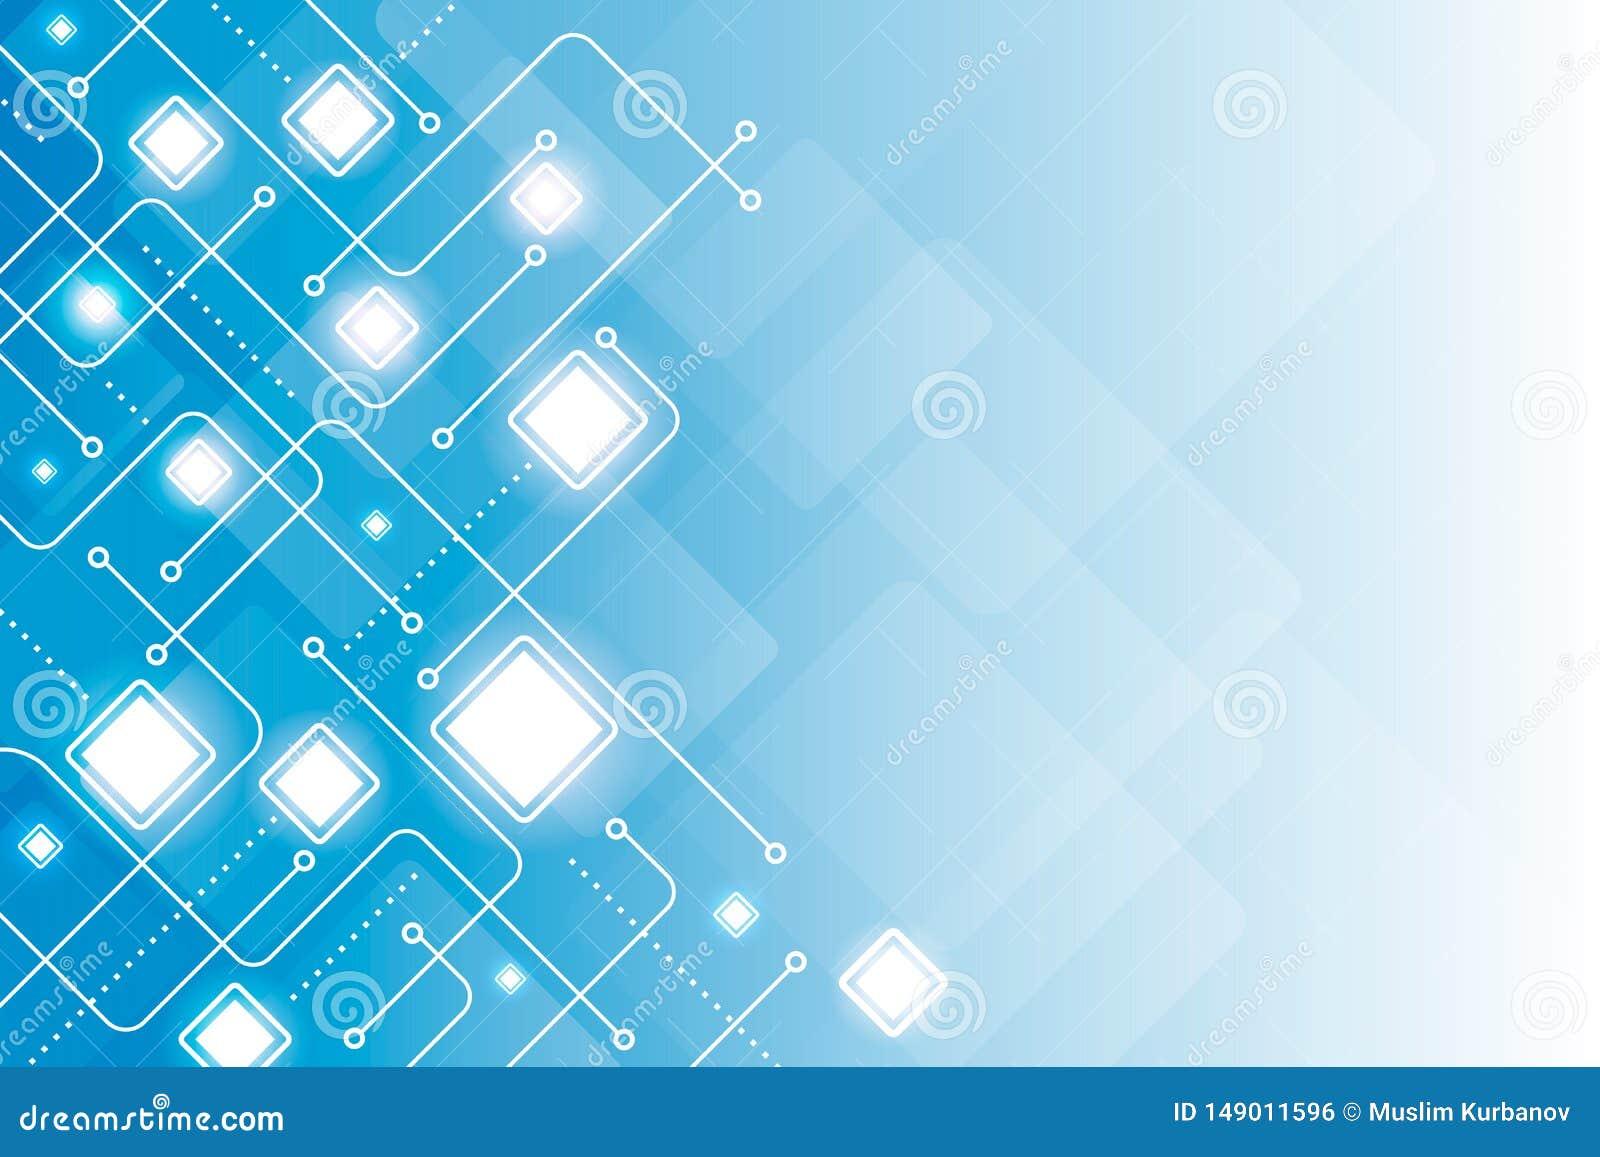 Abstracte digitale lijn geometrische blauwe vector als achtergrond